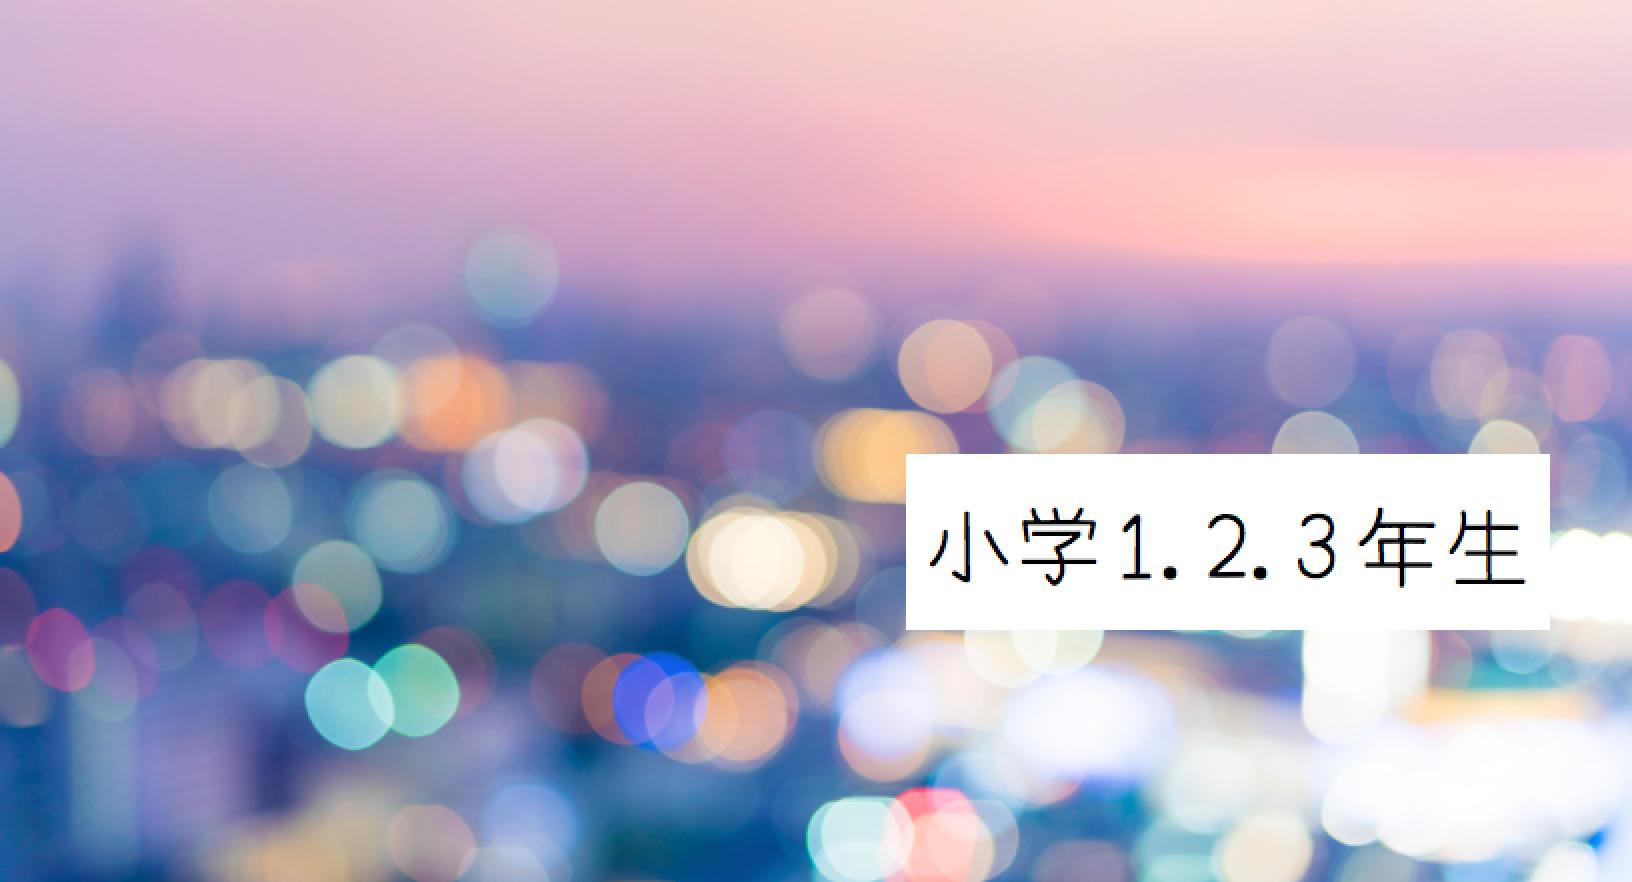 2019/3/7 1.2.3年生